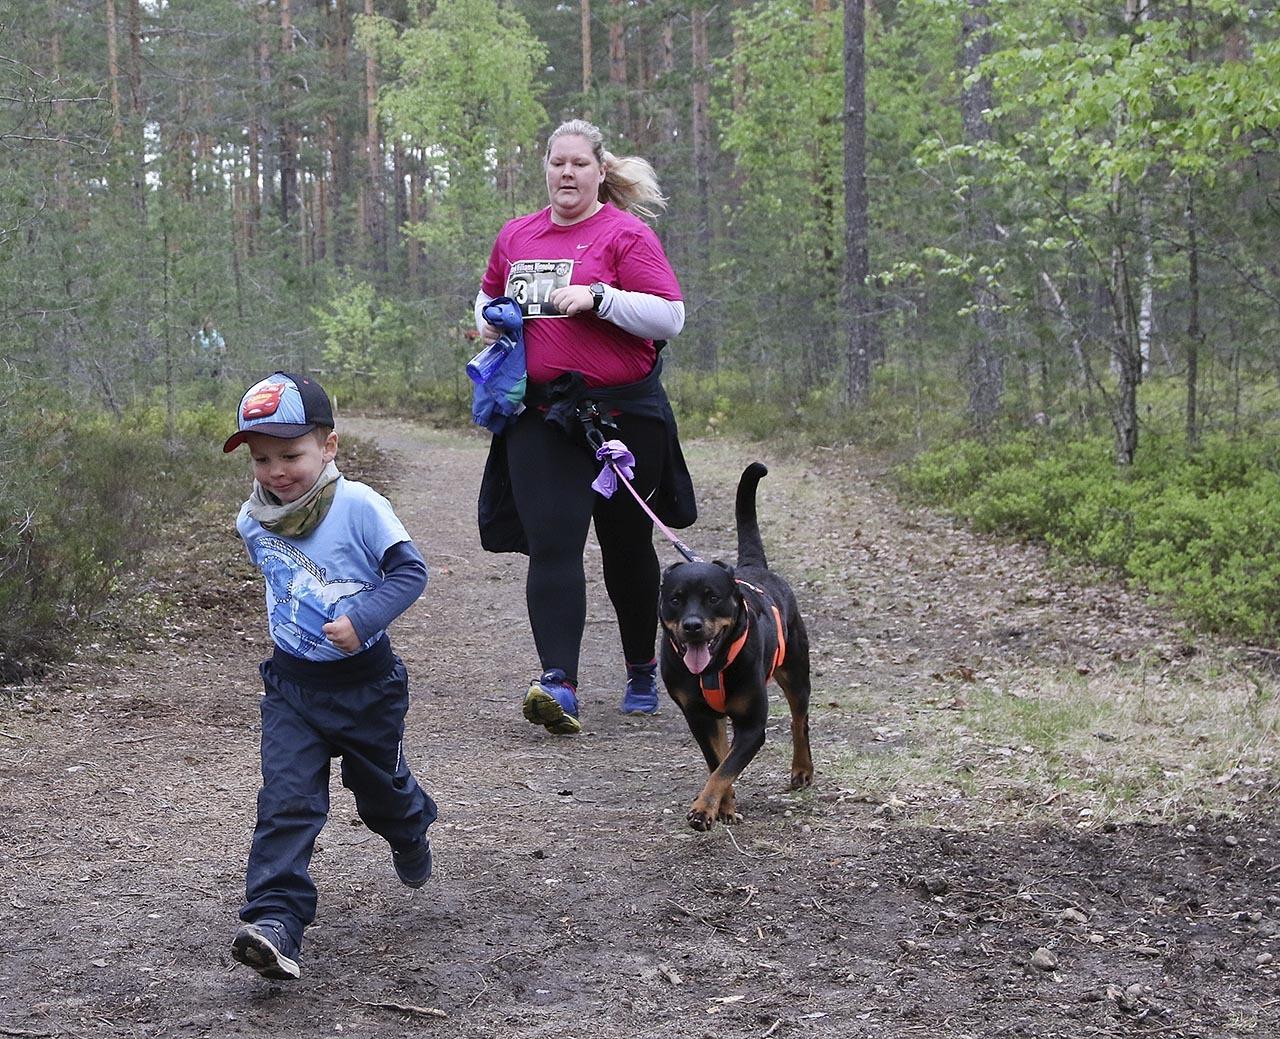 Bikkje_barn_4S7A7962.jpg